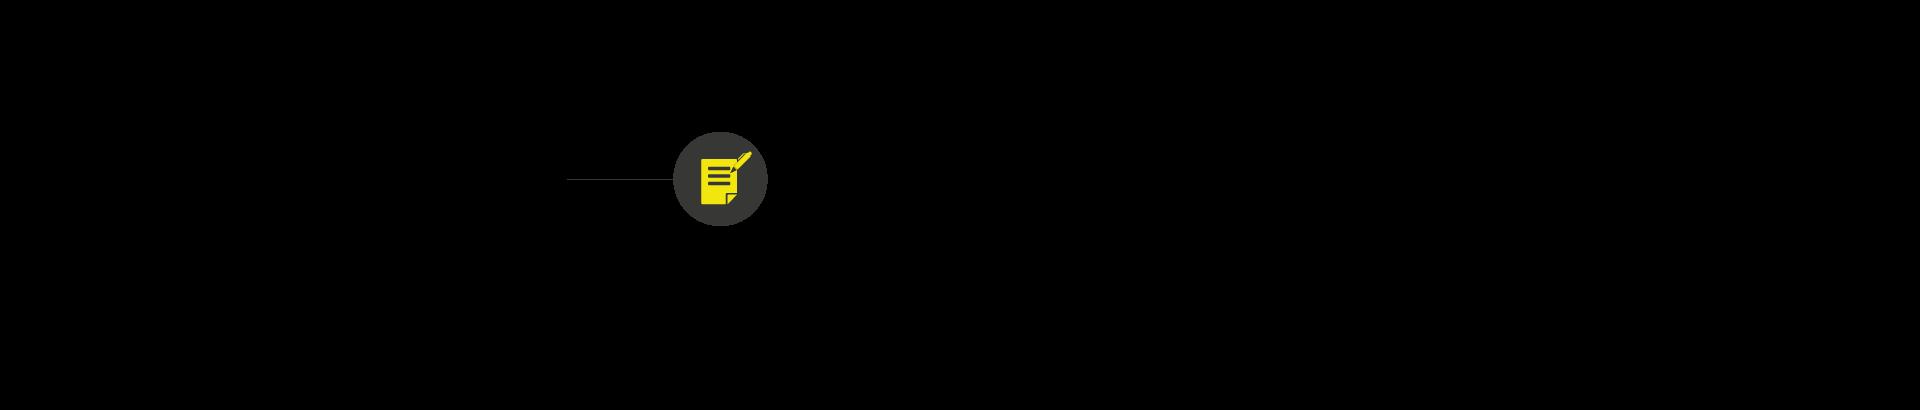 Akku Reparatur Formular ausfüllen und Preisobergrenze definieren